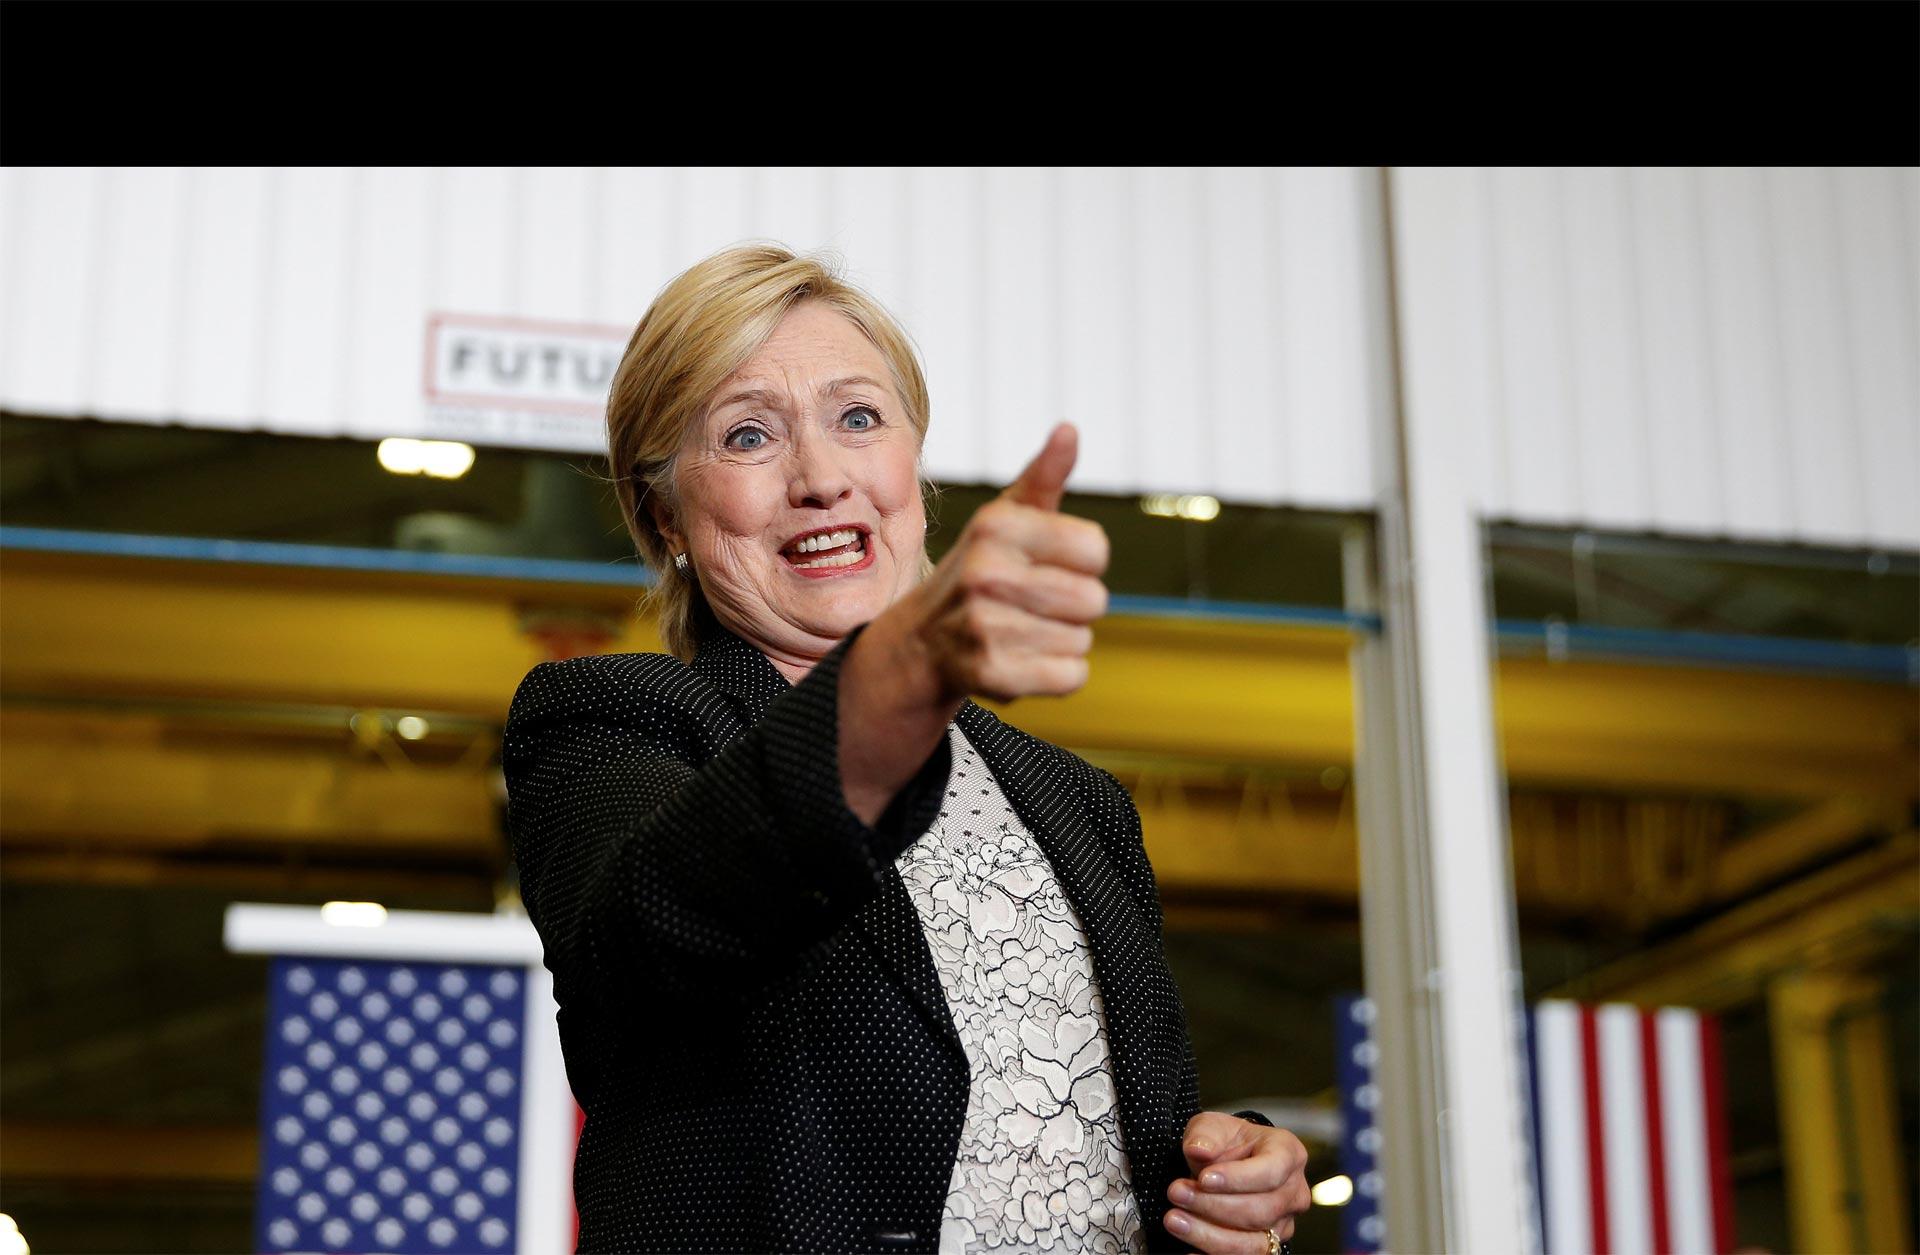 Clinton presentó su plan económico